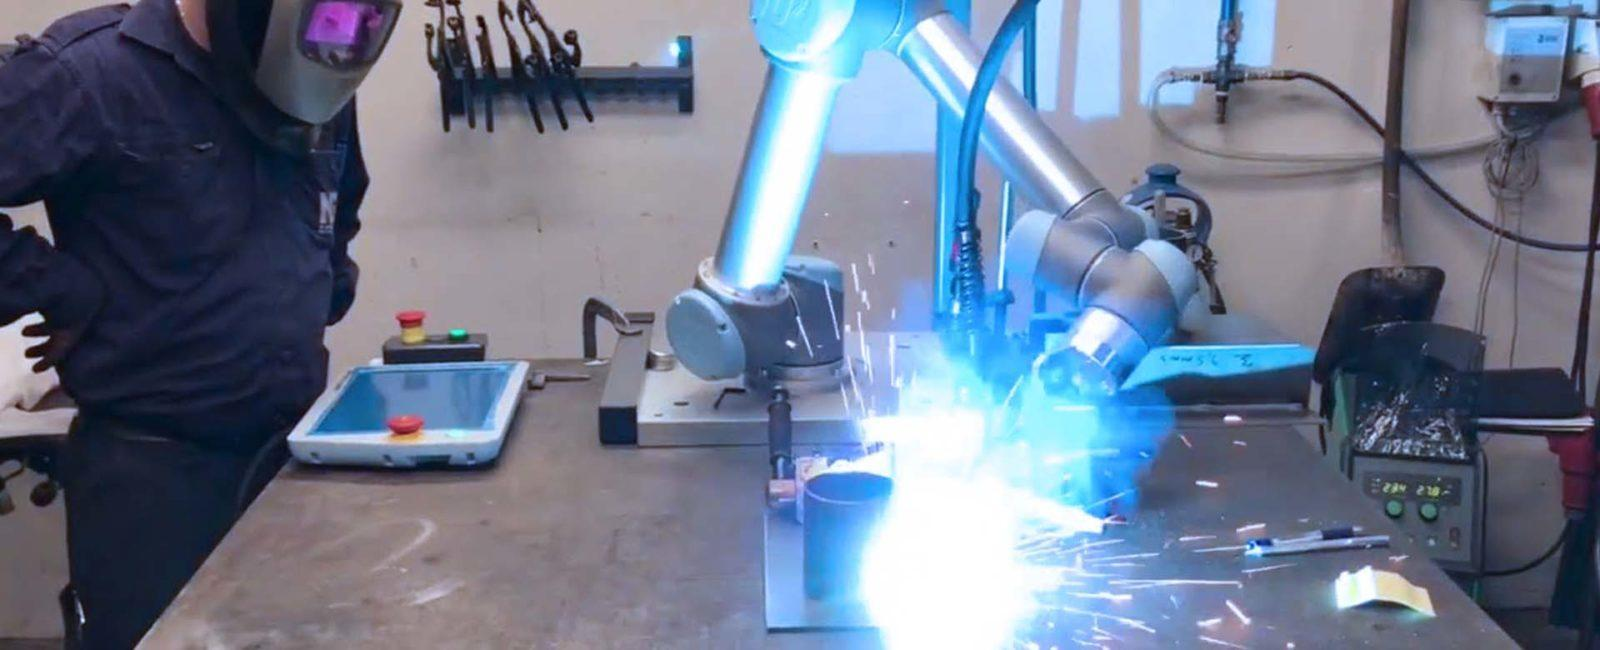 robot soldador colaborativo